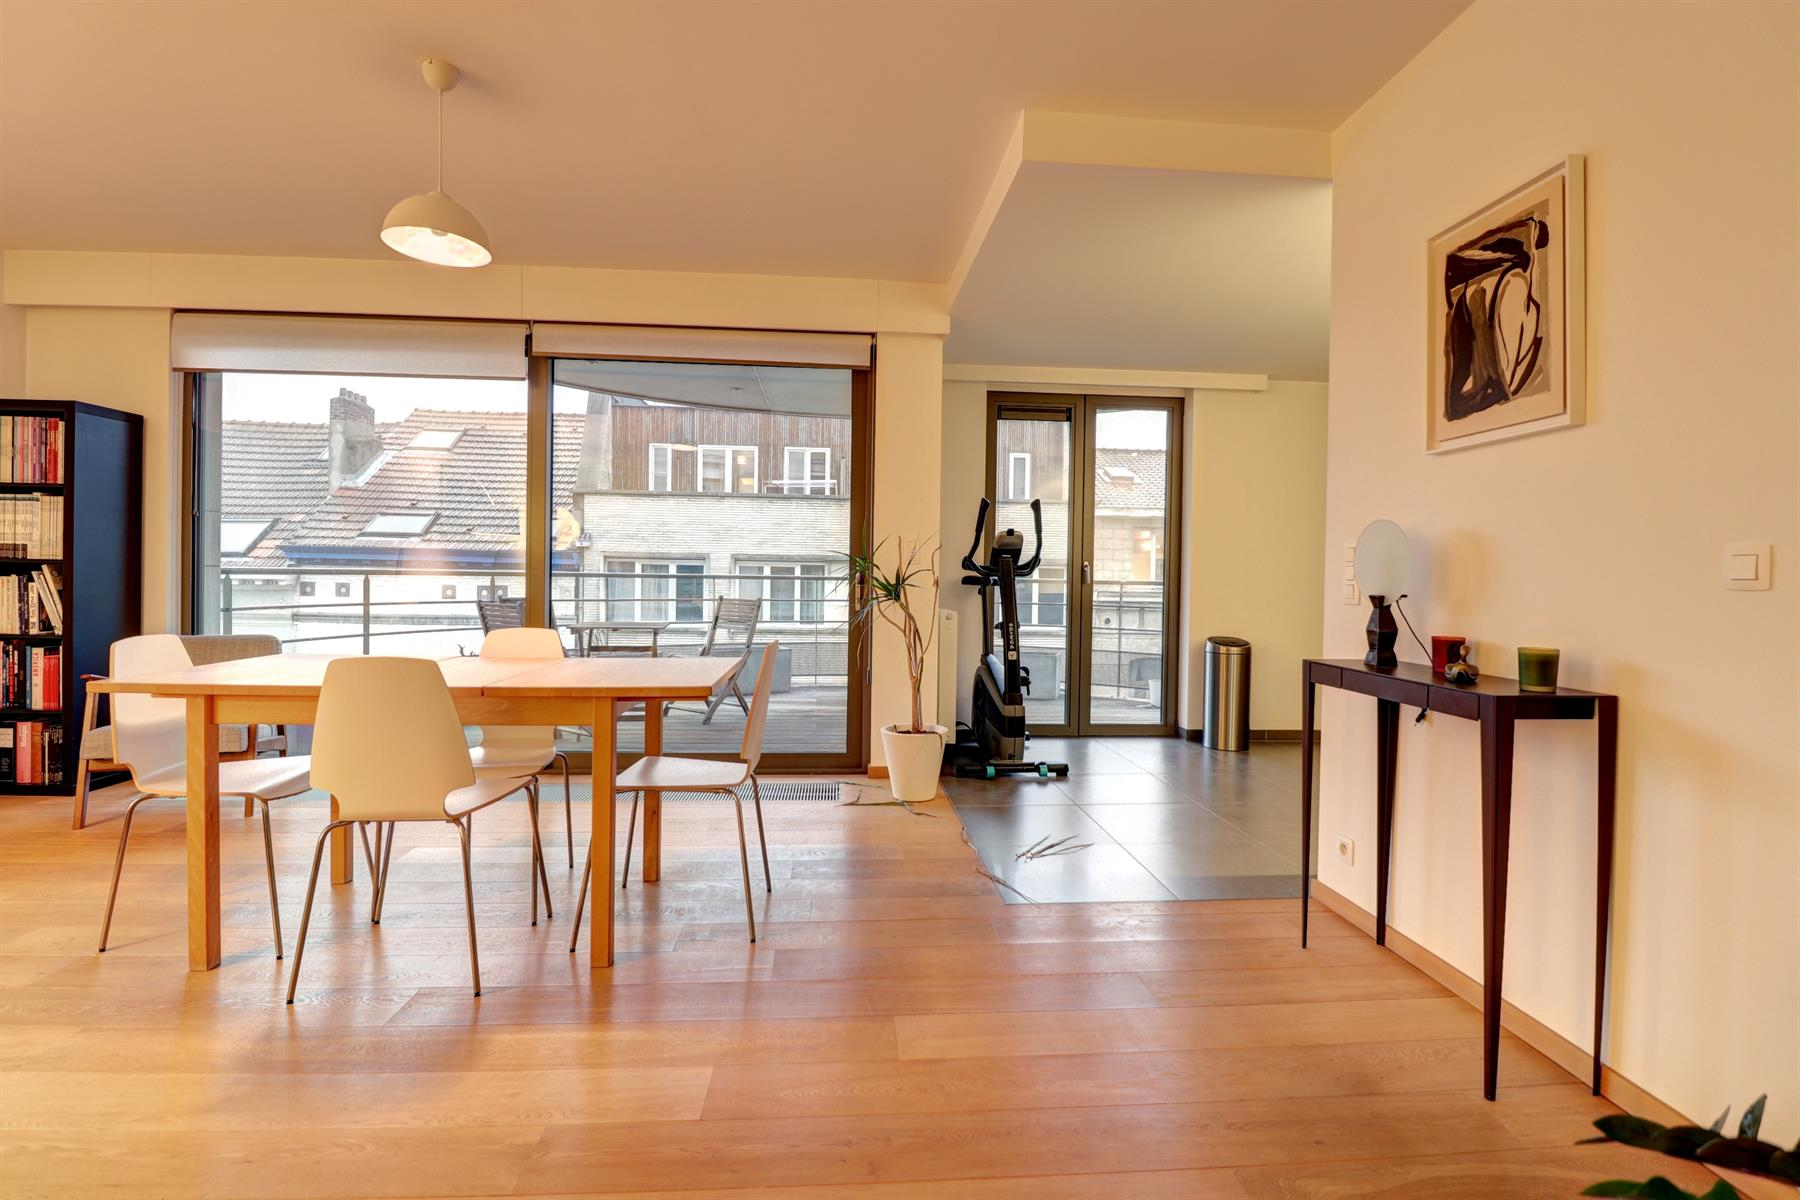 Flat - Ixelles - #4225896-20